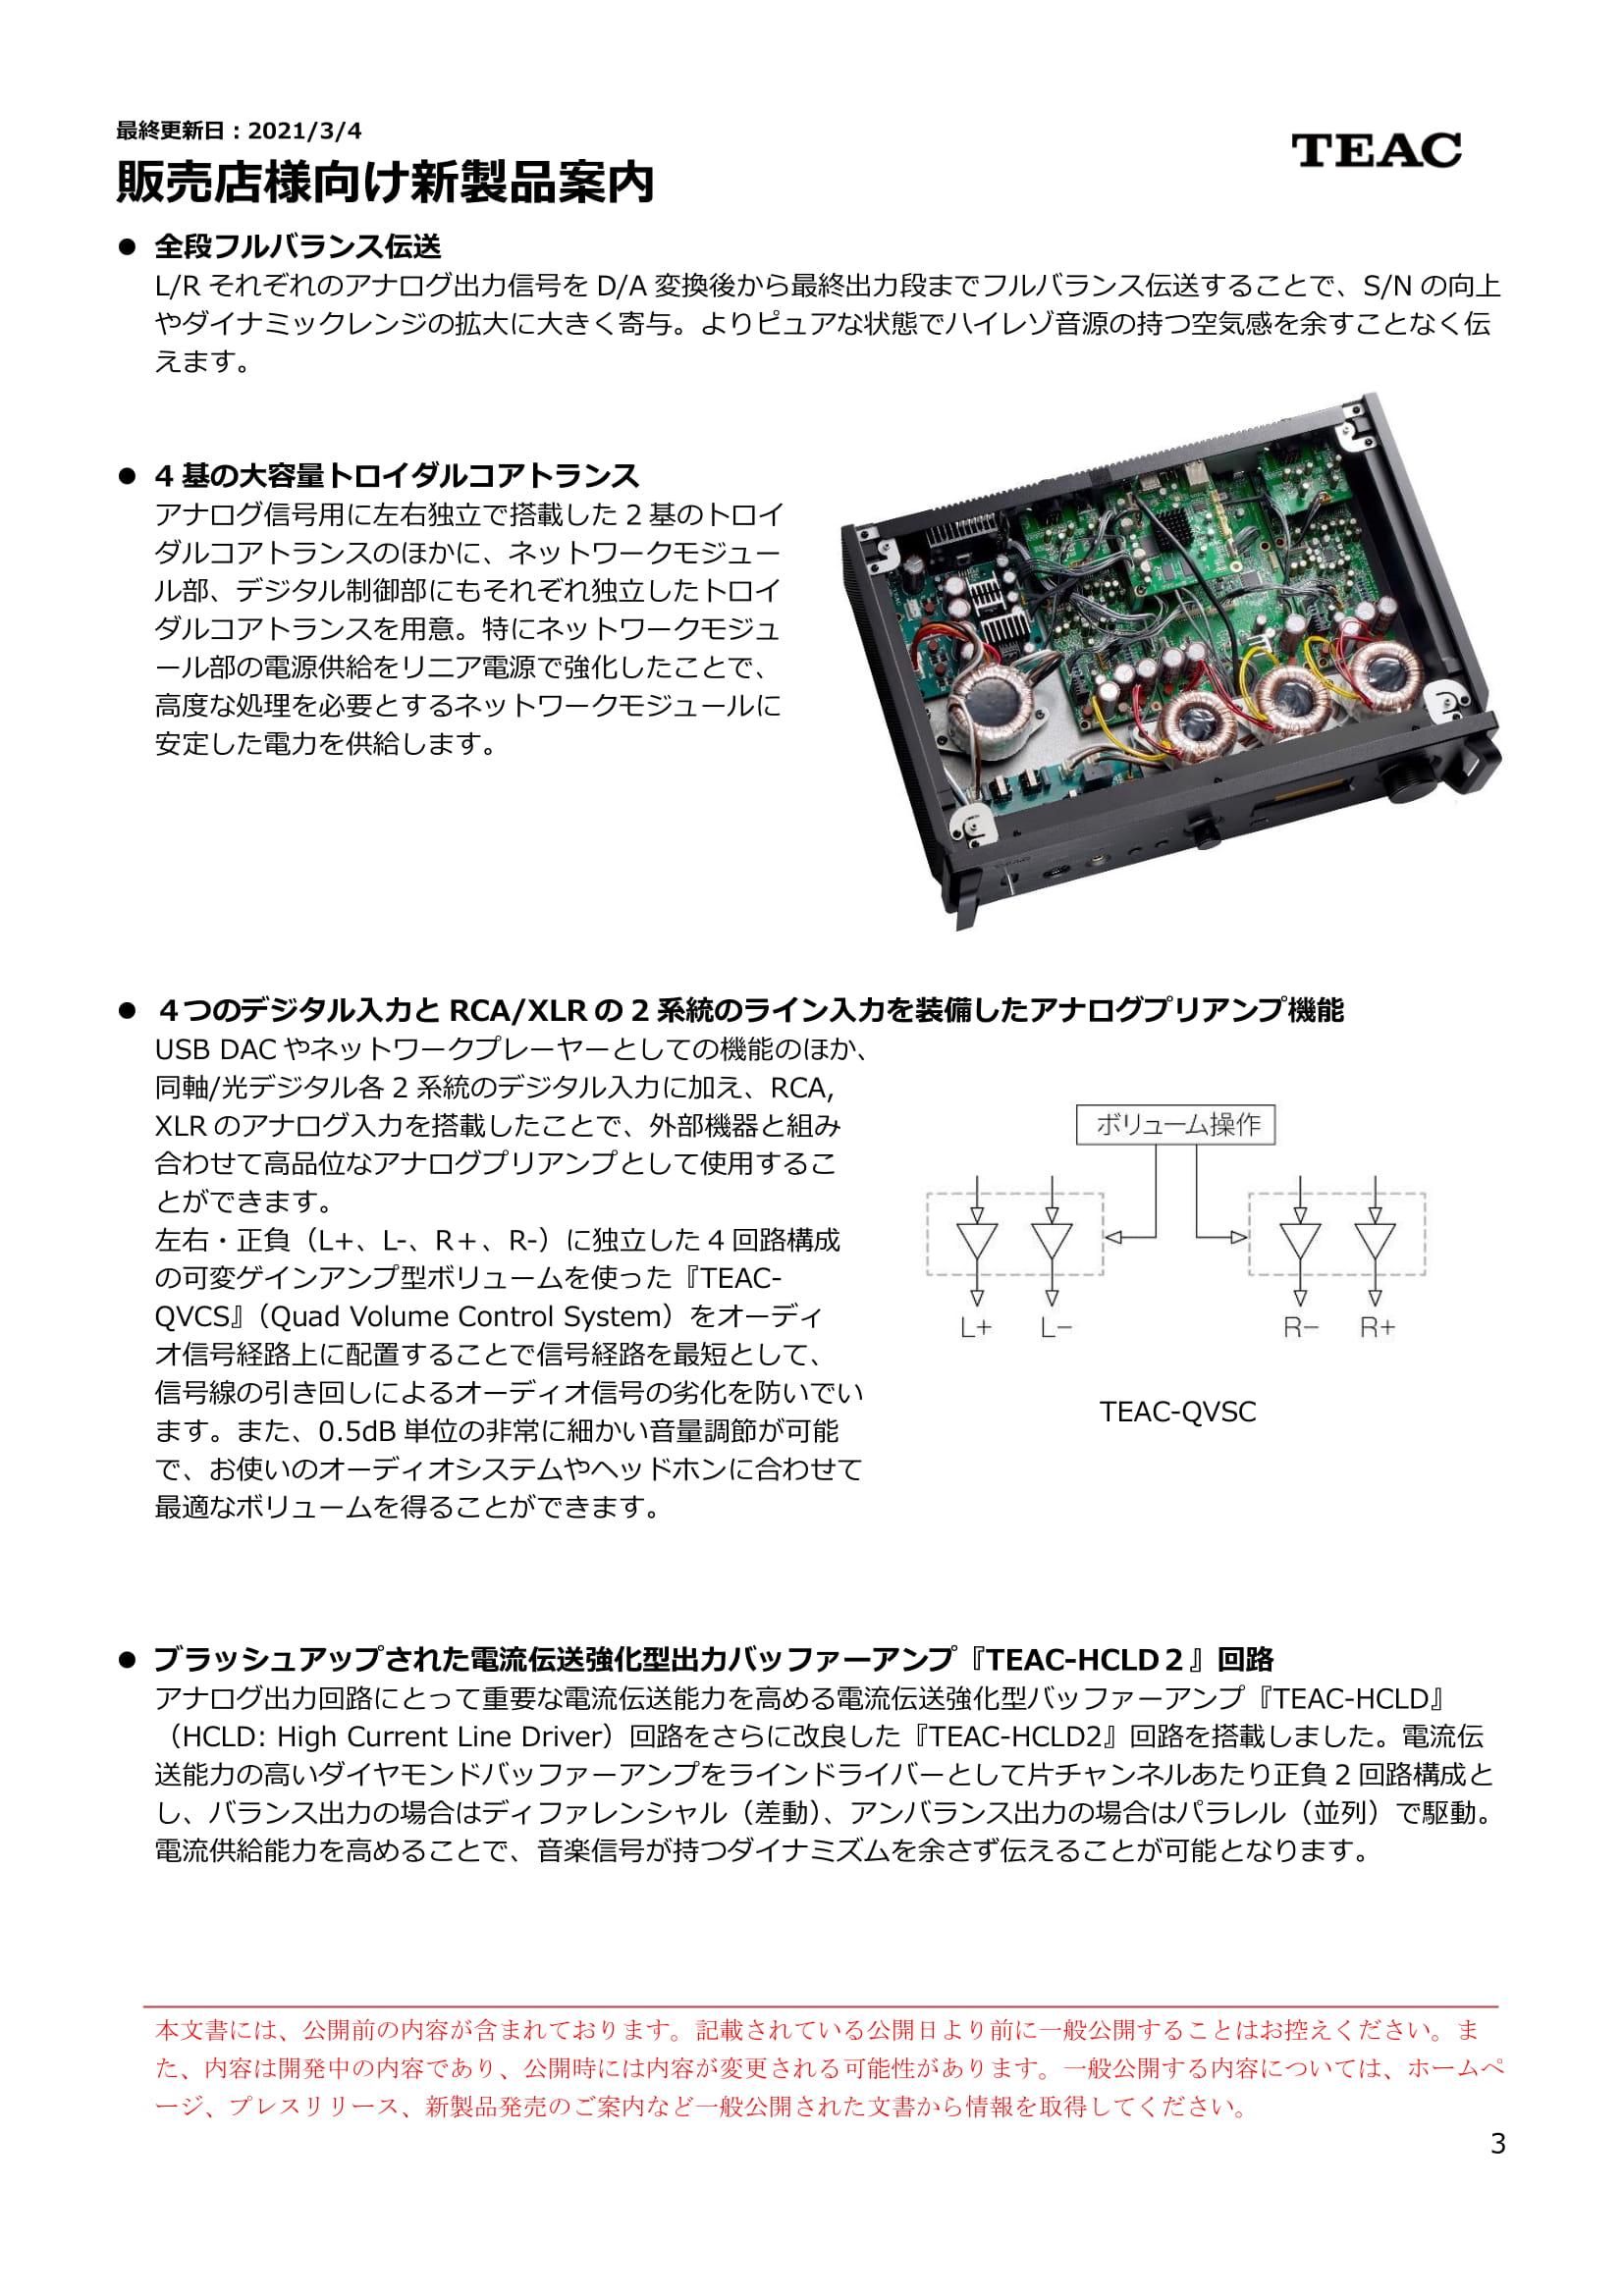 UD-701N_SNPI_210304-03.jpg